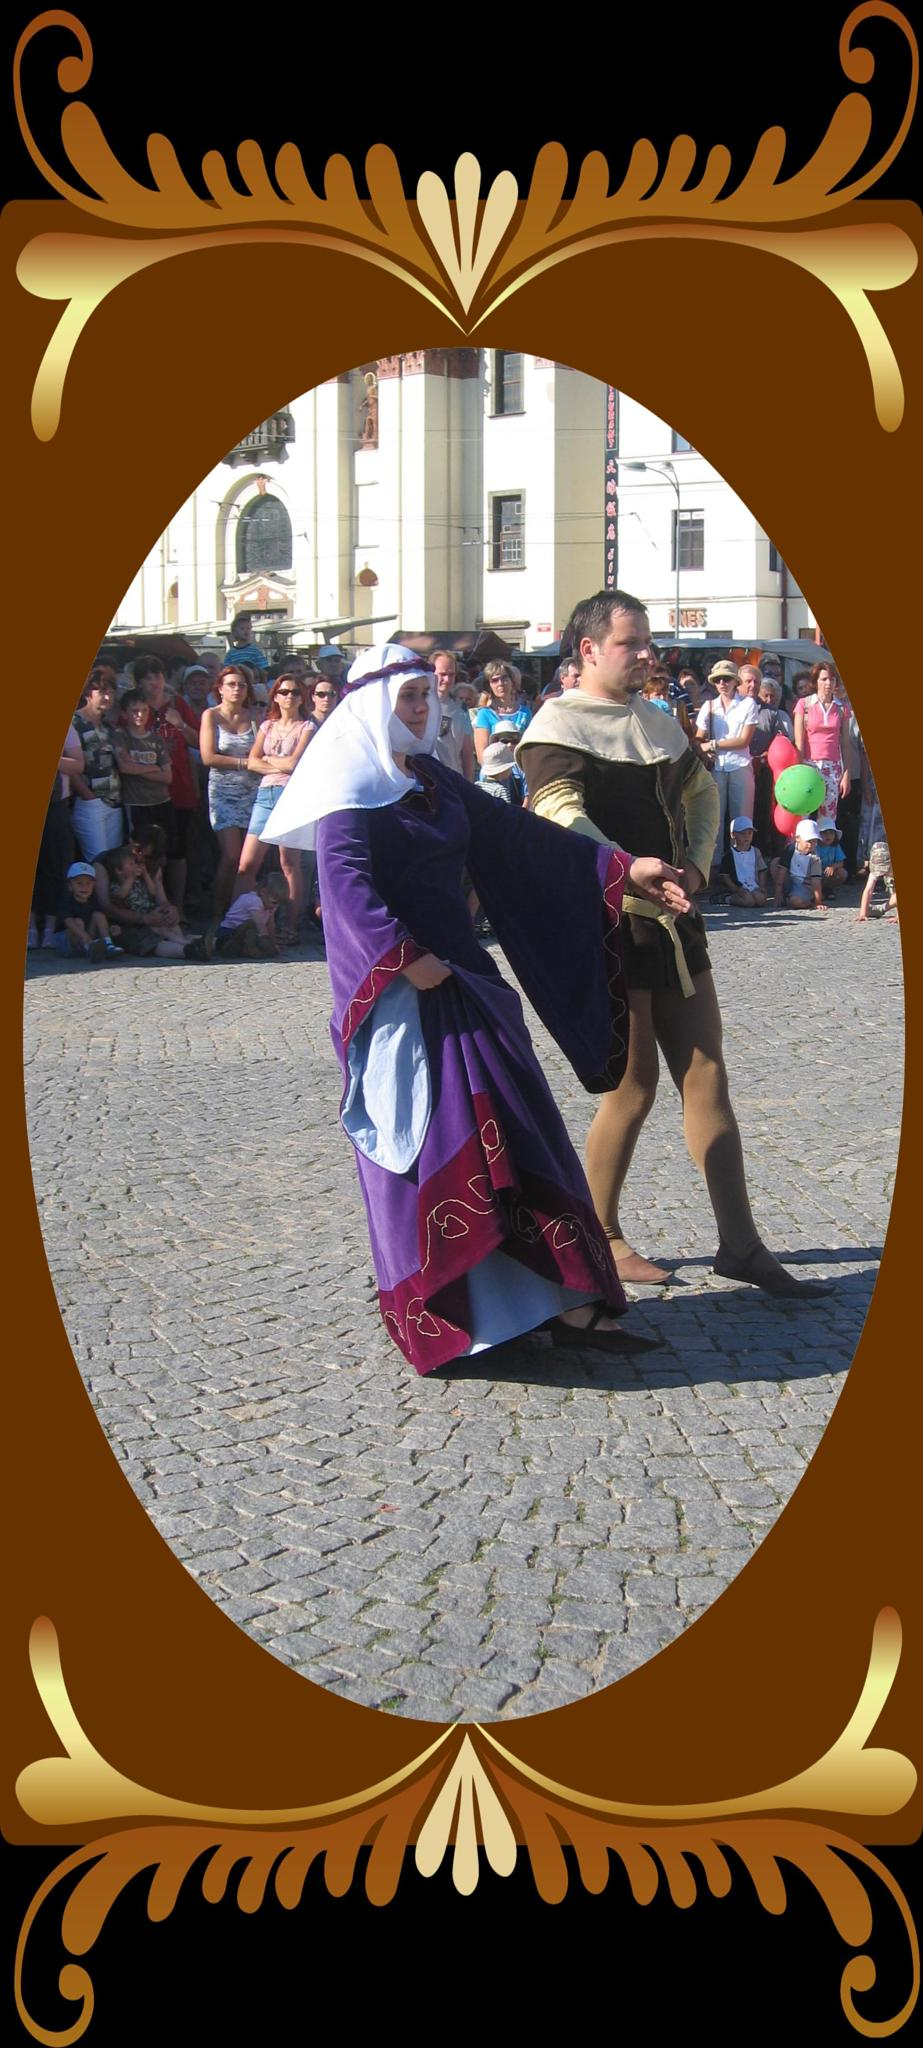 Historic dance  by Jaroslav Reznicek